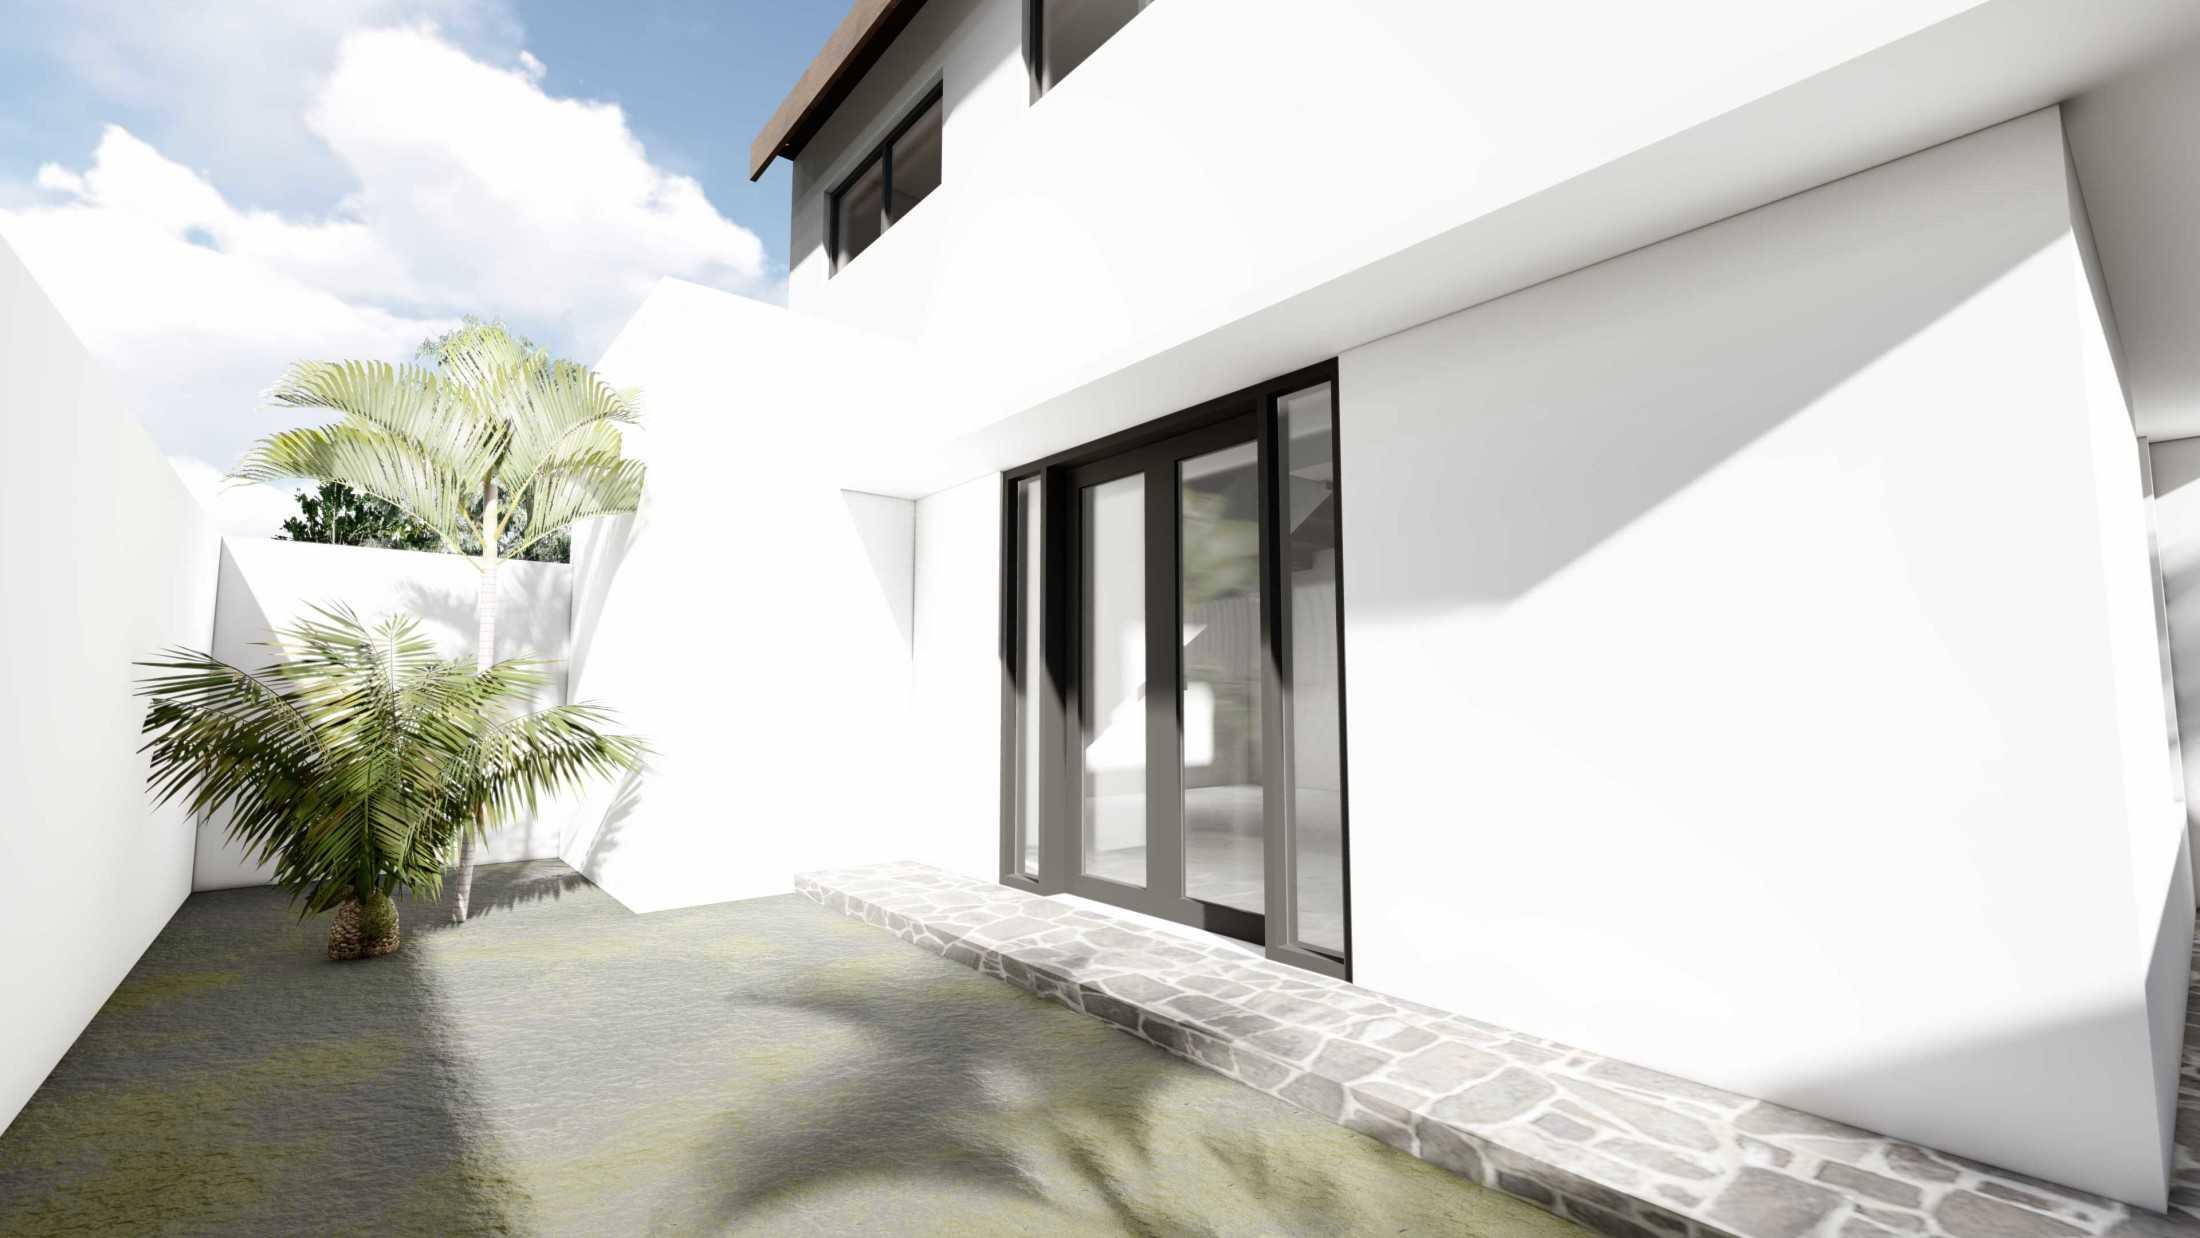 Astabumi Studio Ws House Slawi Tegal, Kota Tegal, Jawa Tengah, Indonesia Padang Cv-Astabumi-Manunggal-Prakarsa-Rumah-2-Lantai-Modern-Lokal  119358